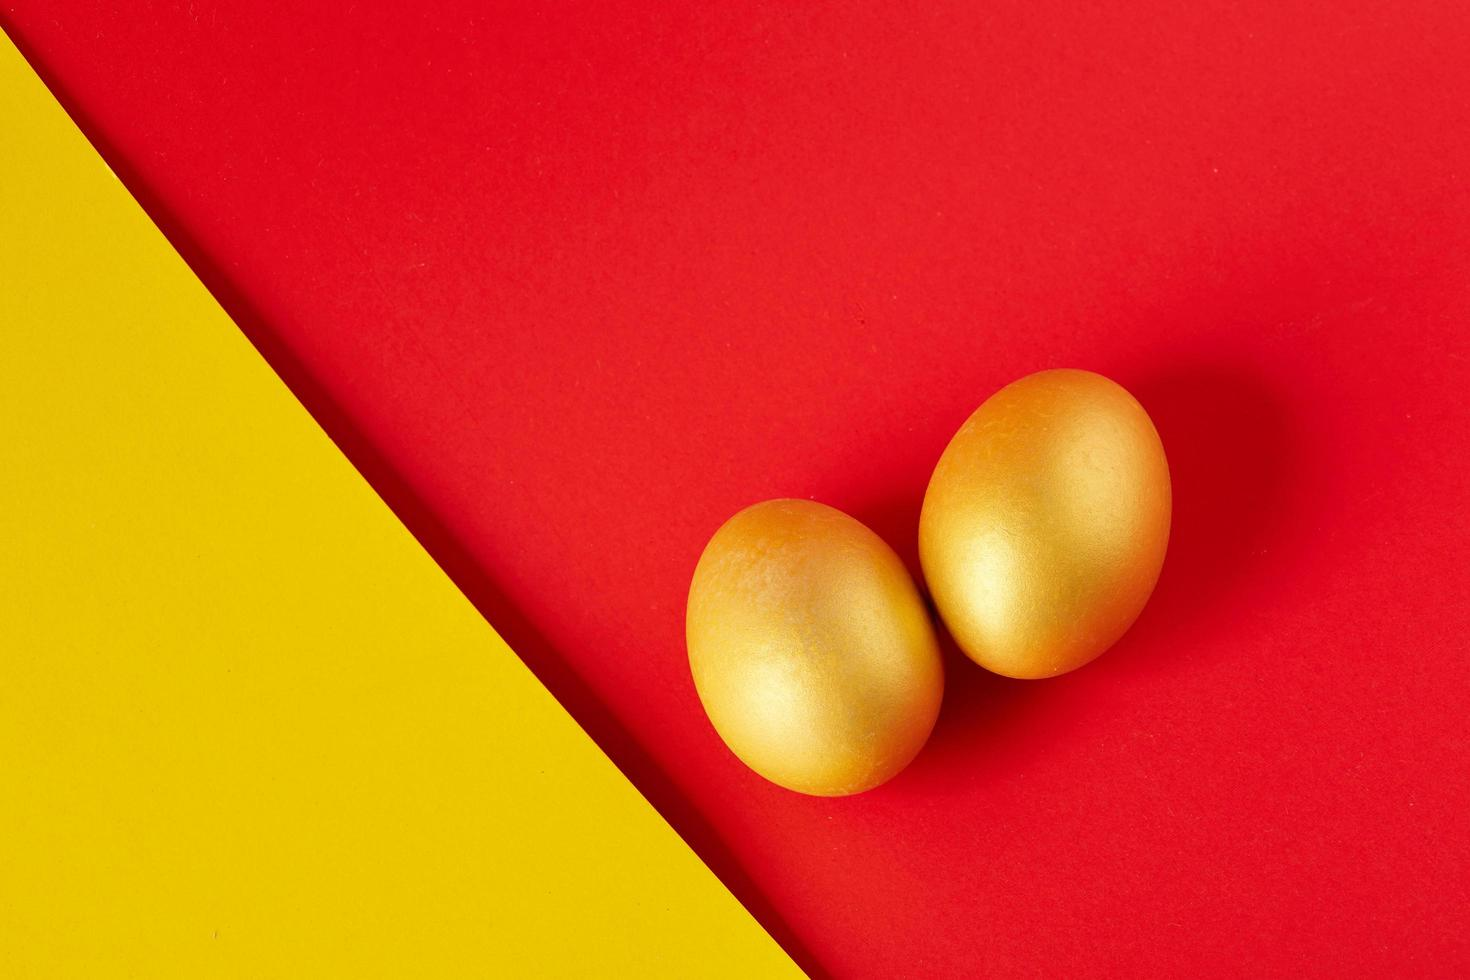 huevos sobre fondo amarillo y rojo. foto